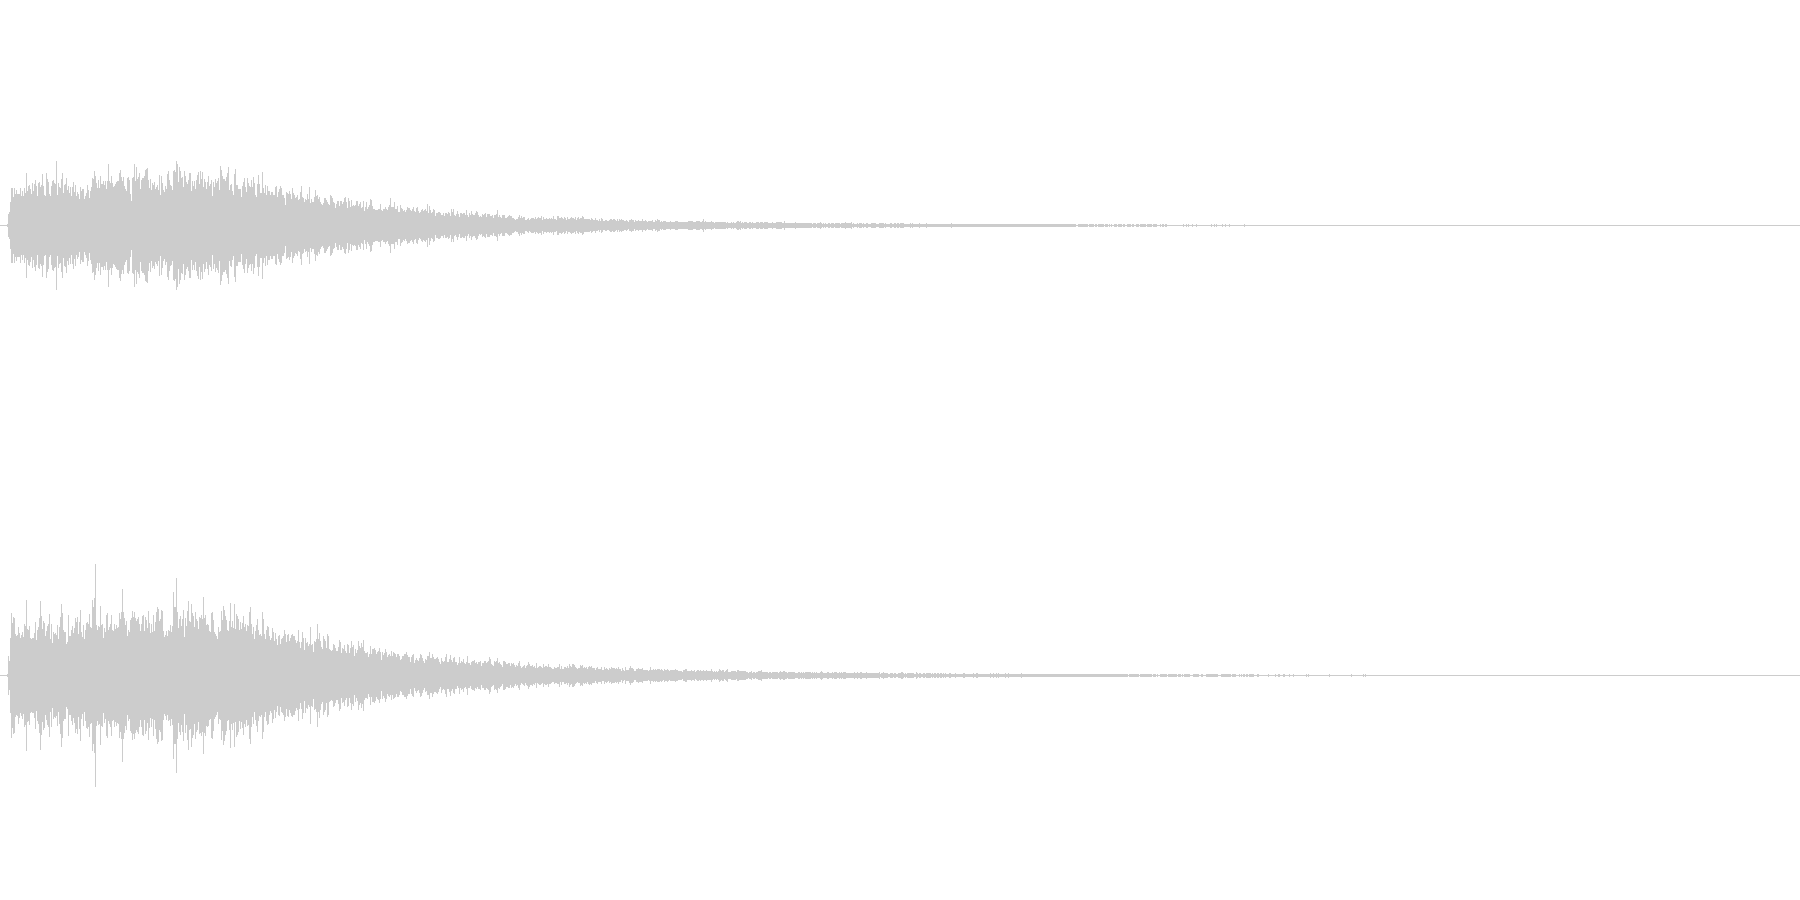 【パンパパン】クラッシュシンバルで連打の未再生の波形